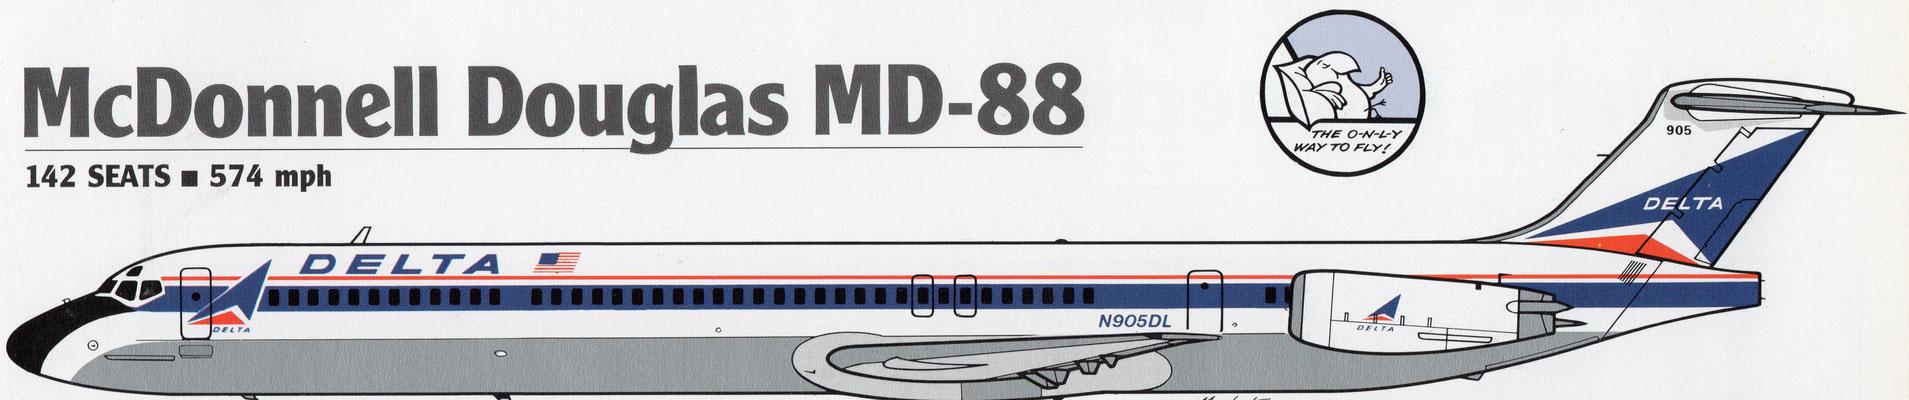 Über viele Jahre eines der Arbeitspferde auf der Kurz- und Mittelstrecke: die MD-88/Grafik: Delta Air LinesMD-88